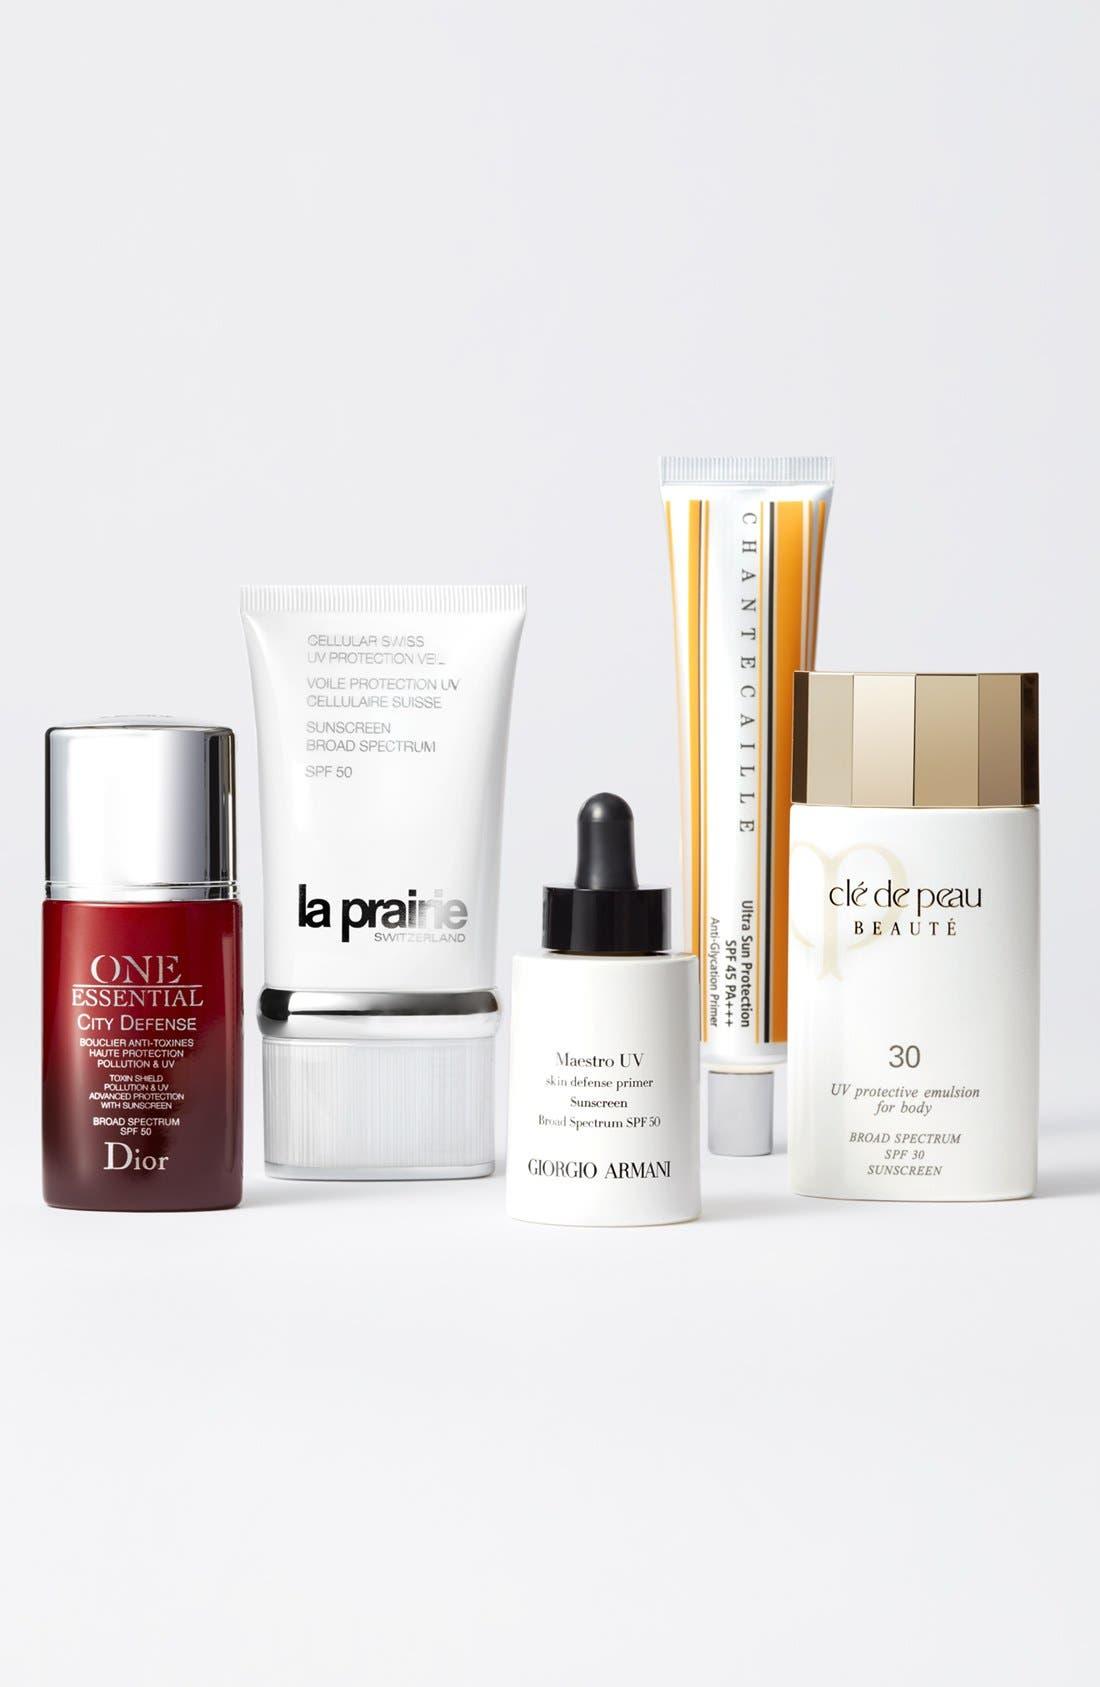 GIORGIO ARMANI,                             Maestro UV Skin Defense Primer Sunscreen SPF 50,                             Alternate thumbnail 4, color,                             NO COLOR